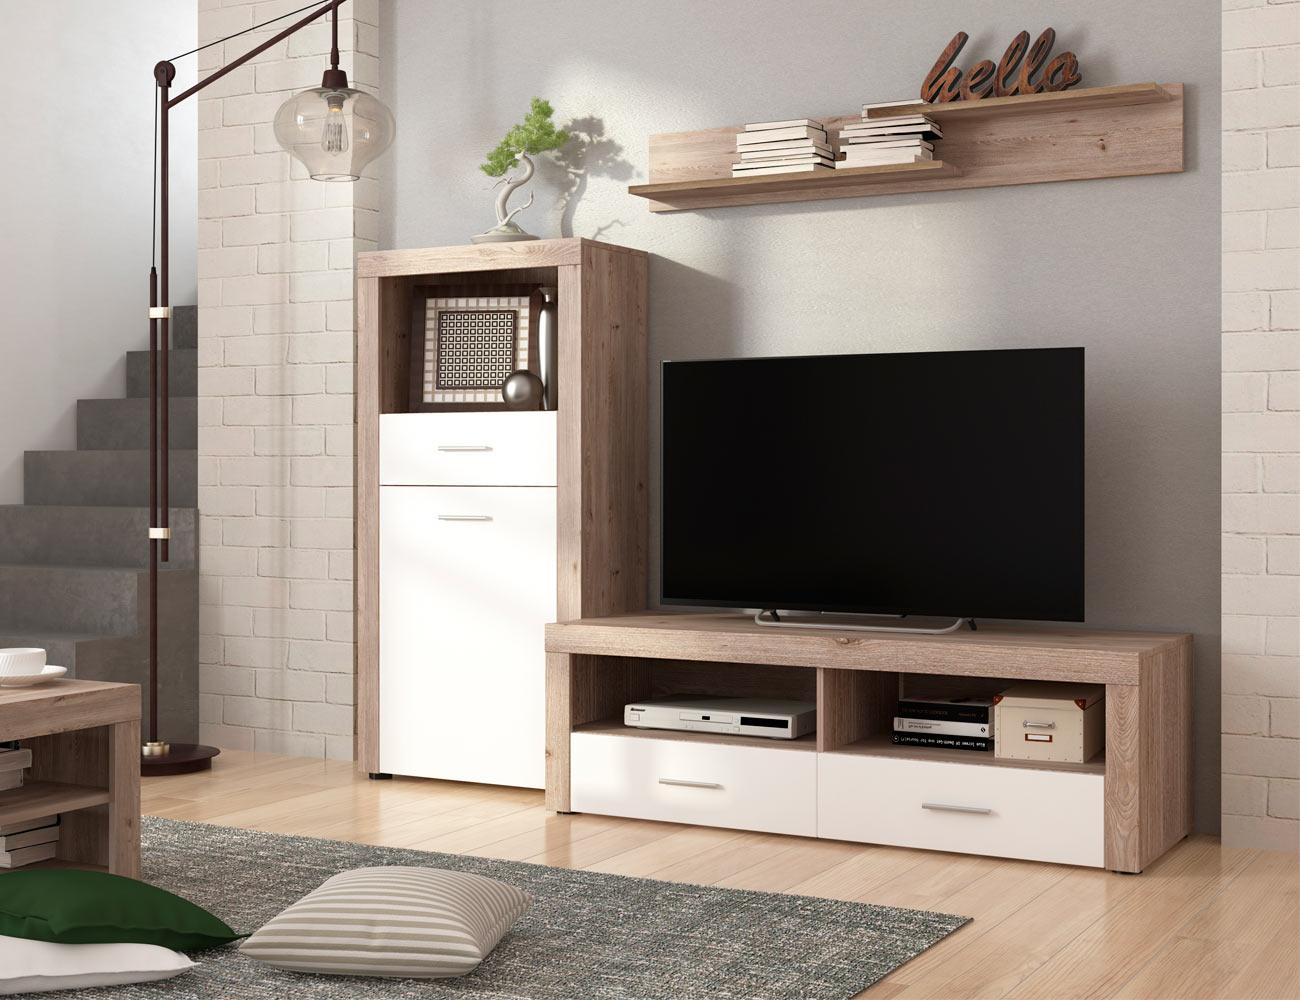 Mueble salon comedor bodeguero estante bajo tv color cañon 201cm1